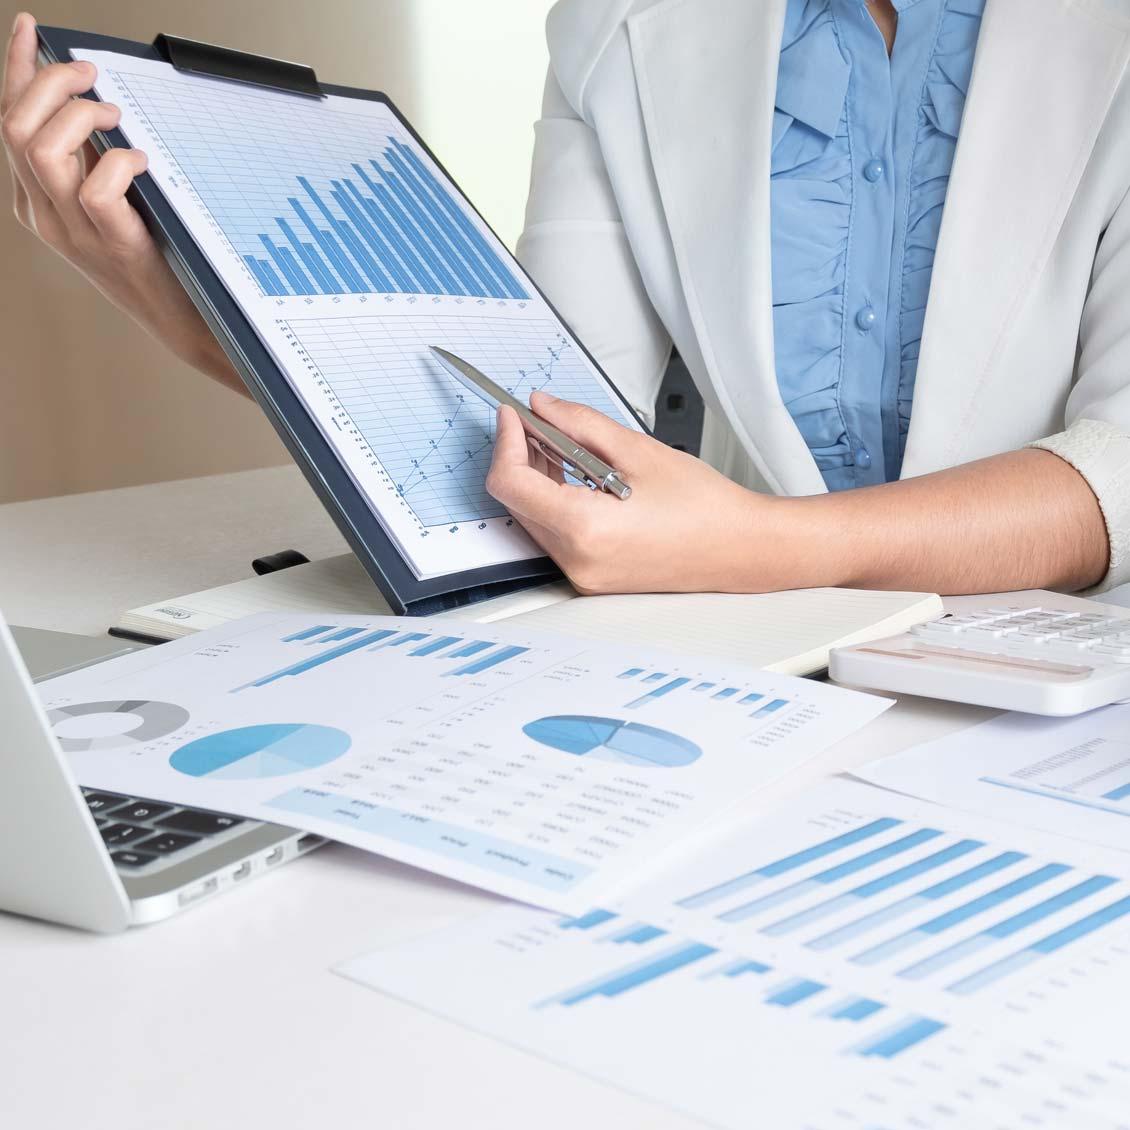 Imagem em close de uma mulher apresentando gráficos de reatórios